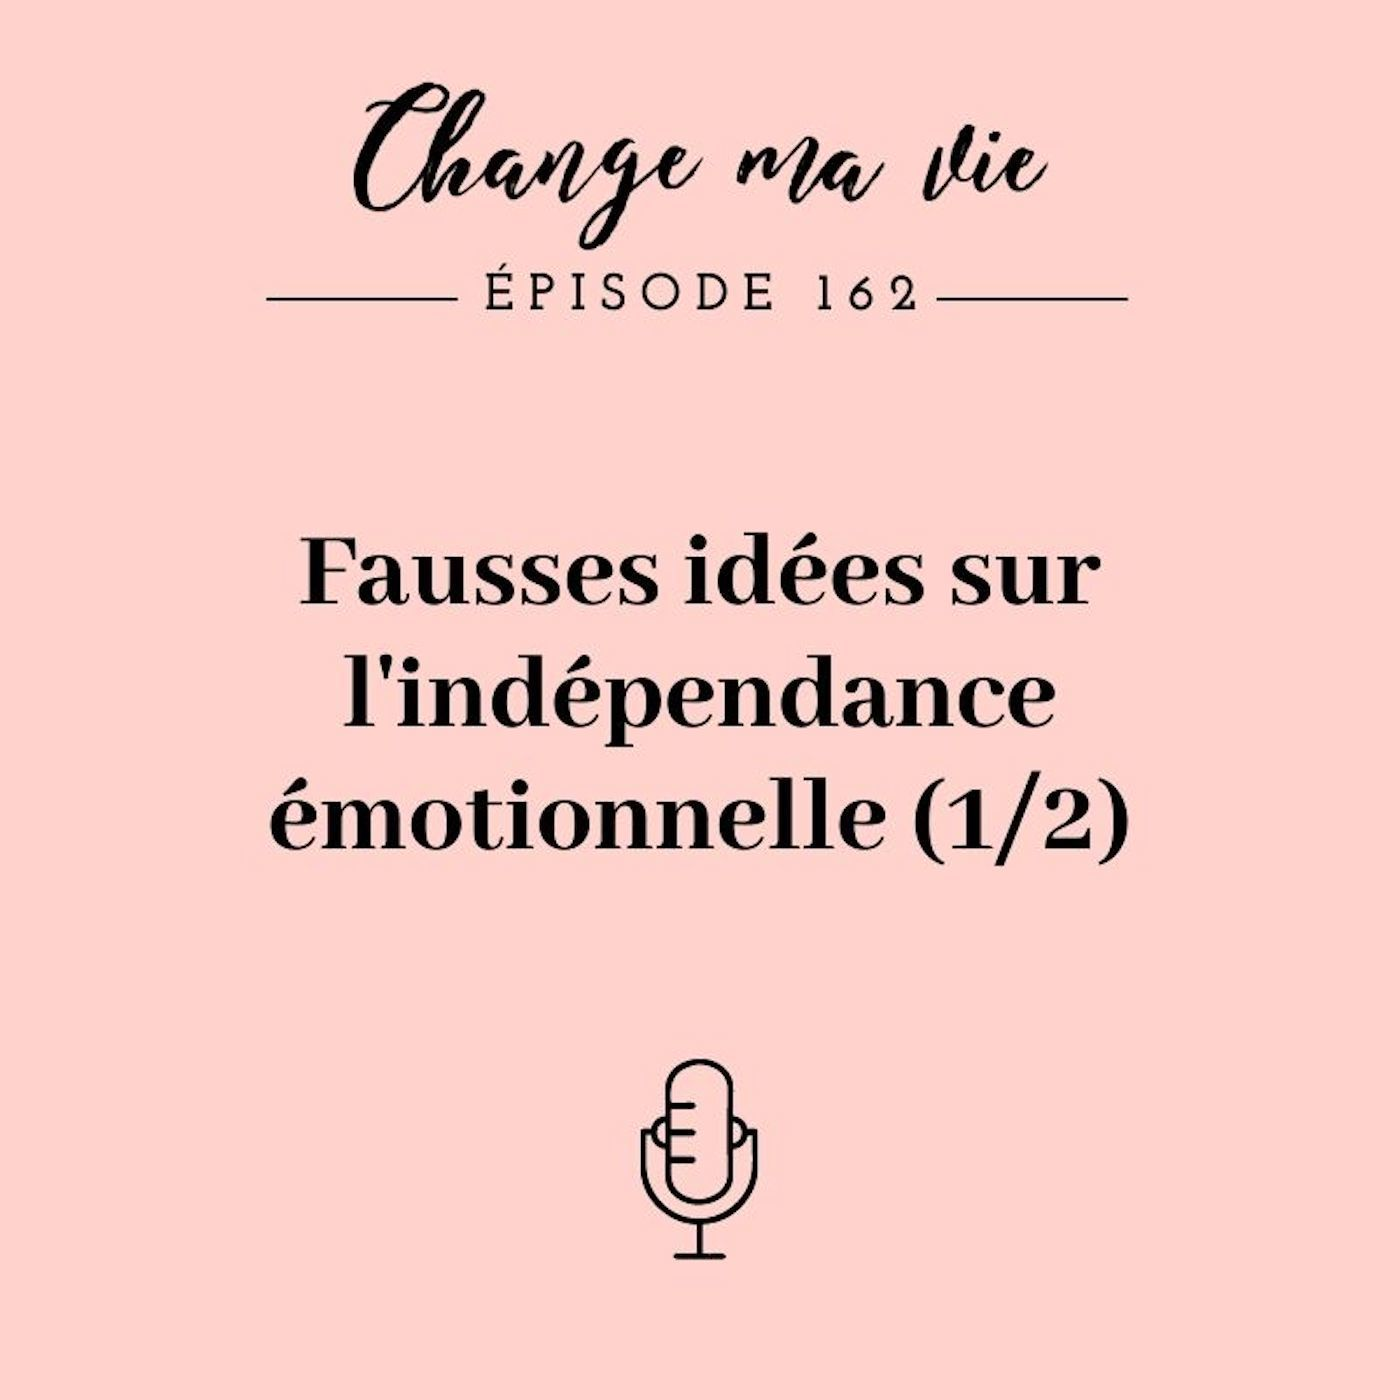 (162) Fausses idées sur l'indépendance émotionnelle (1/2)